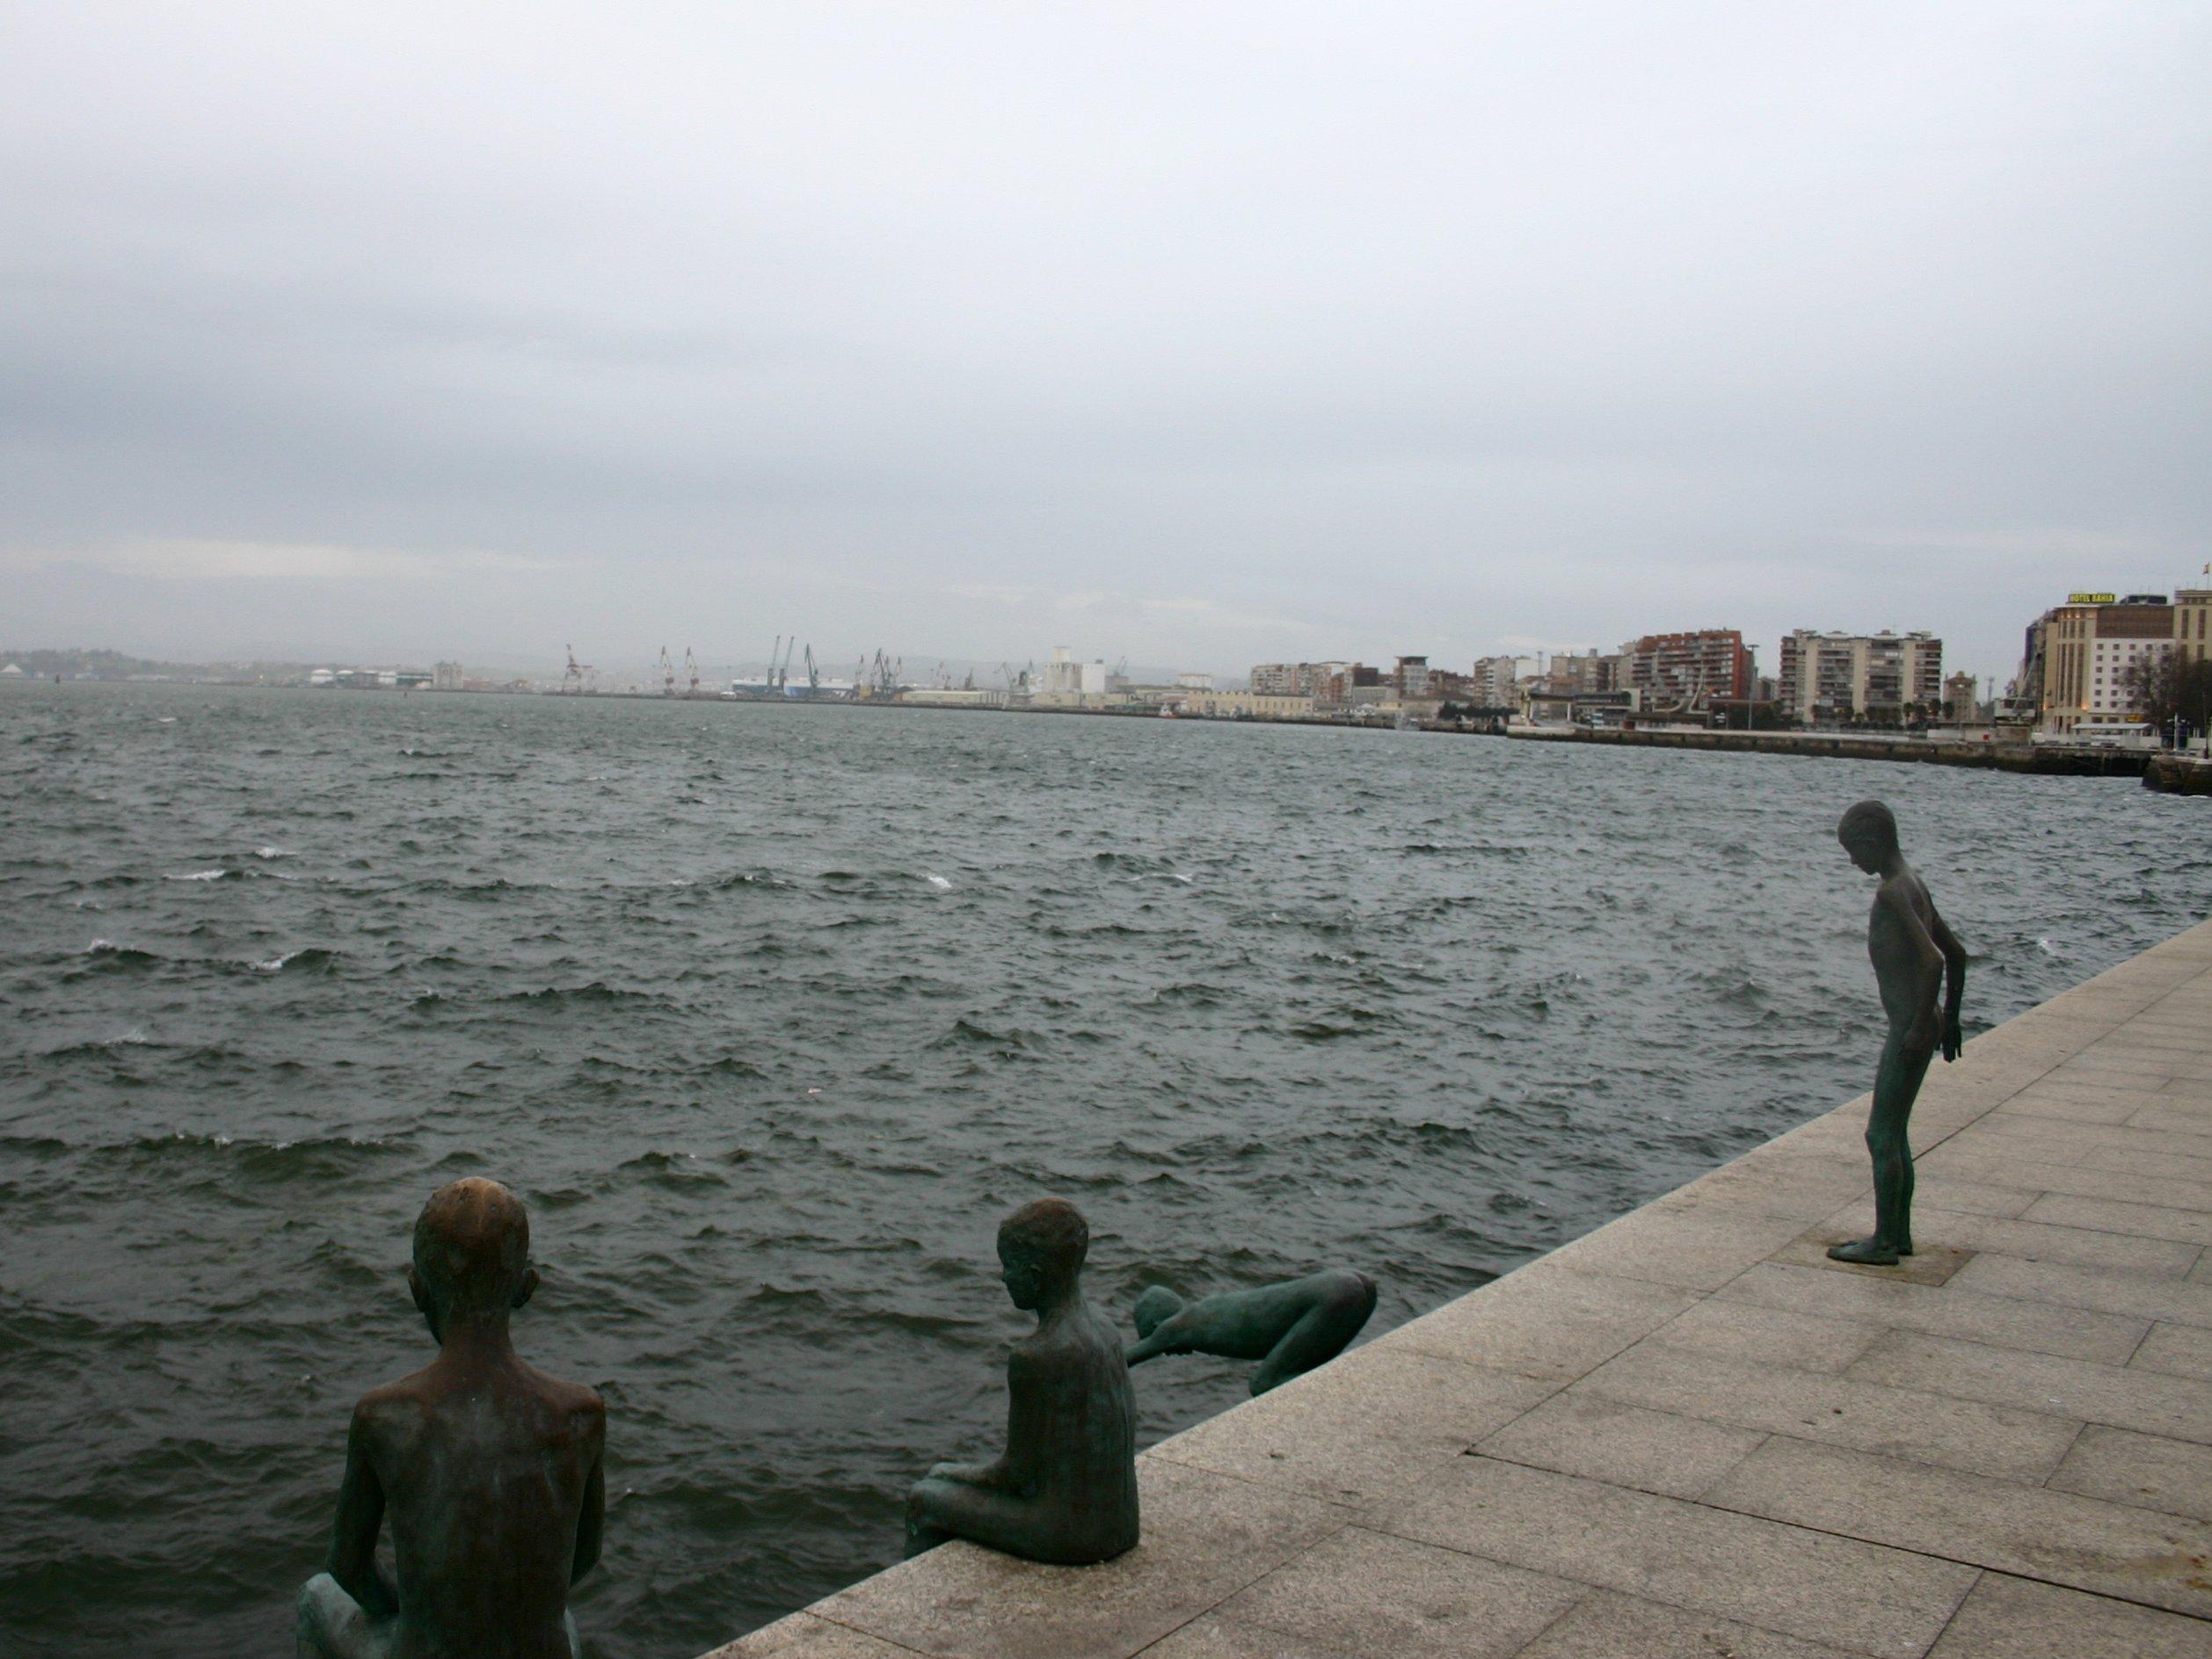 Monumento a los raqueros en Santander, por José Cobo